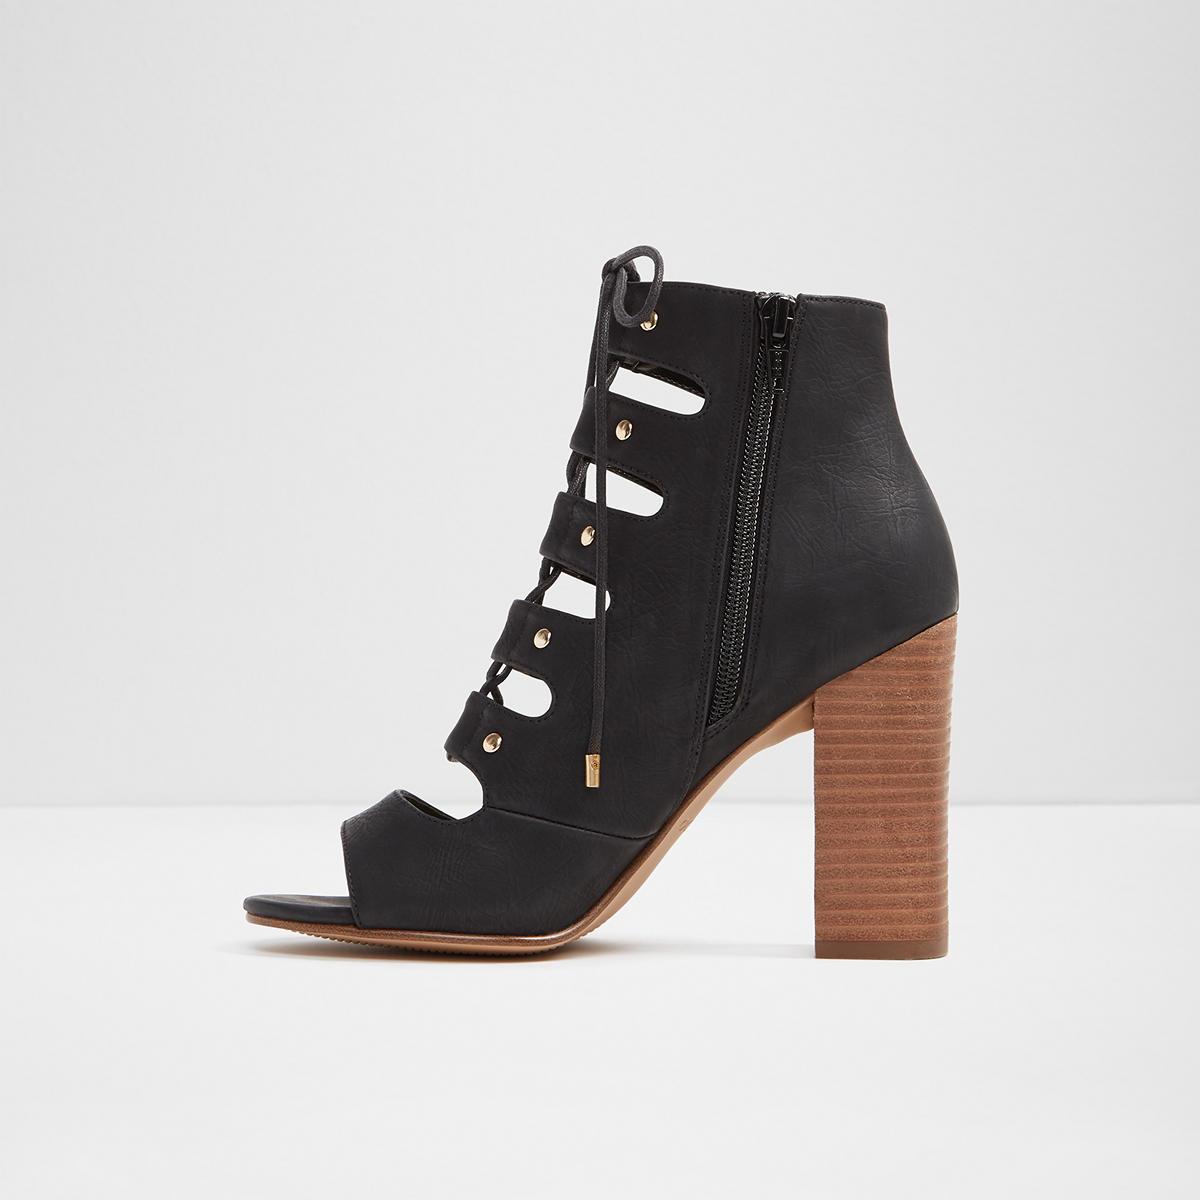 ALDOERAYLIA - Ankle boots - cognac 9iosXrEjtY